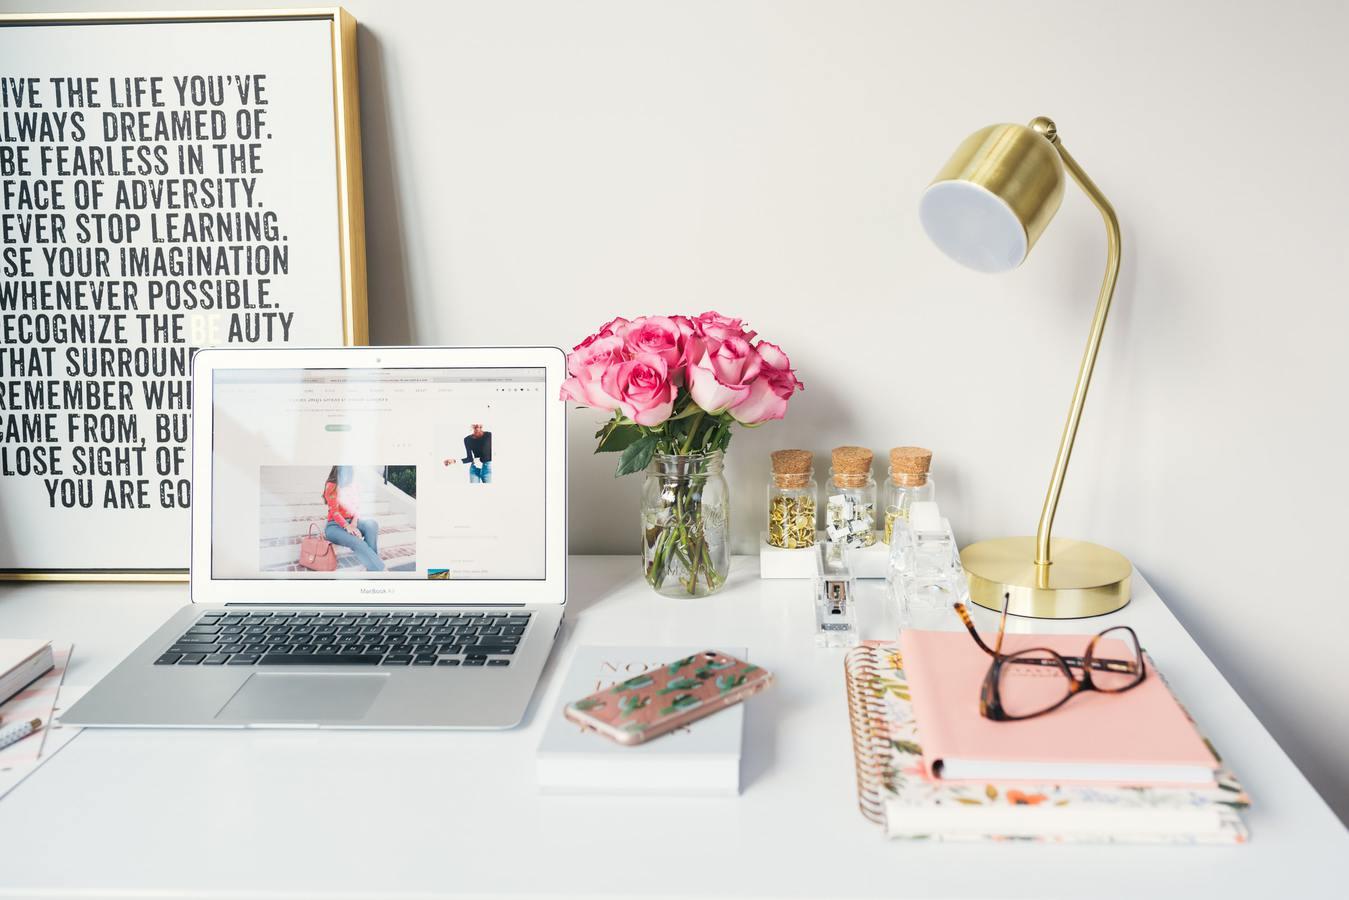 Escritorio con póster motivacional, lámpara y laptop